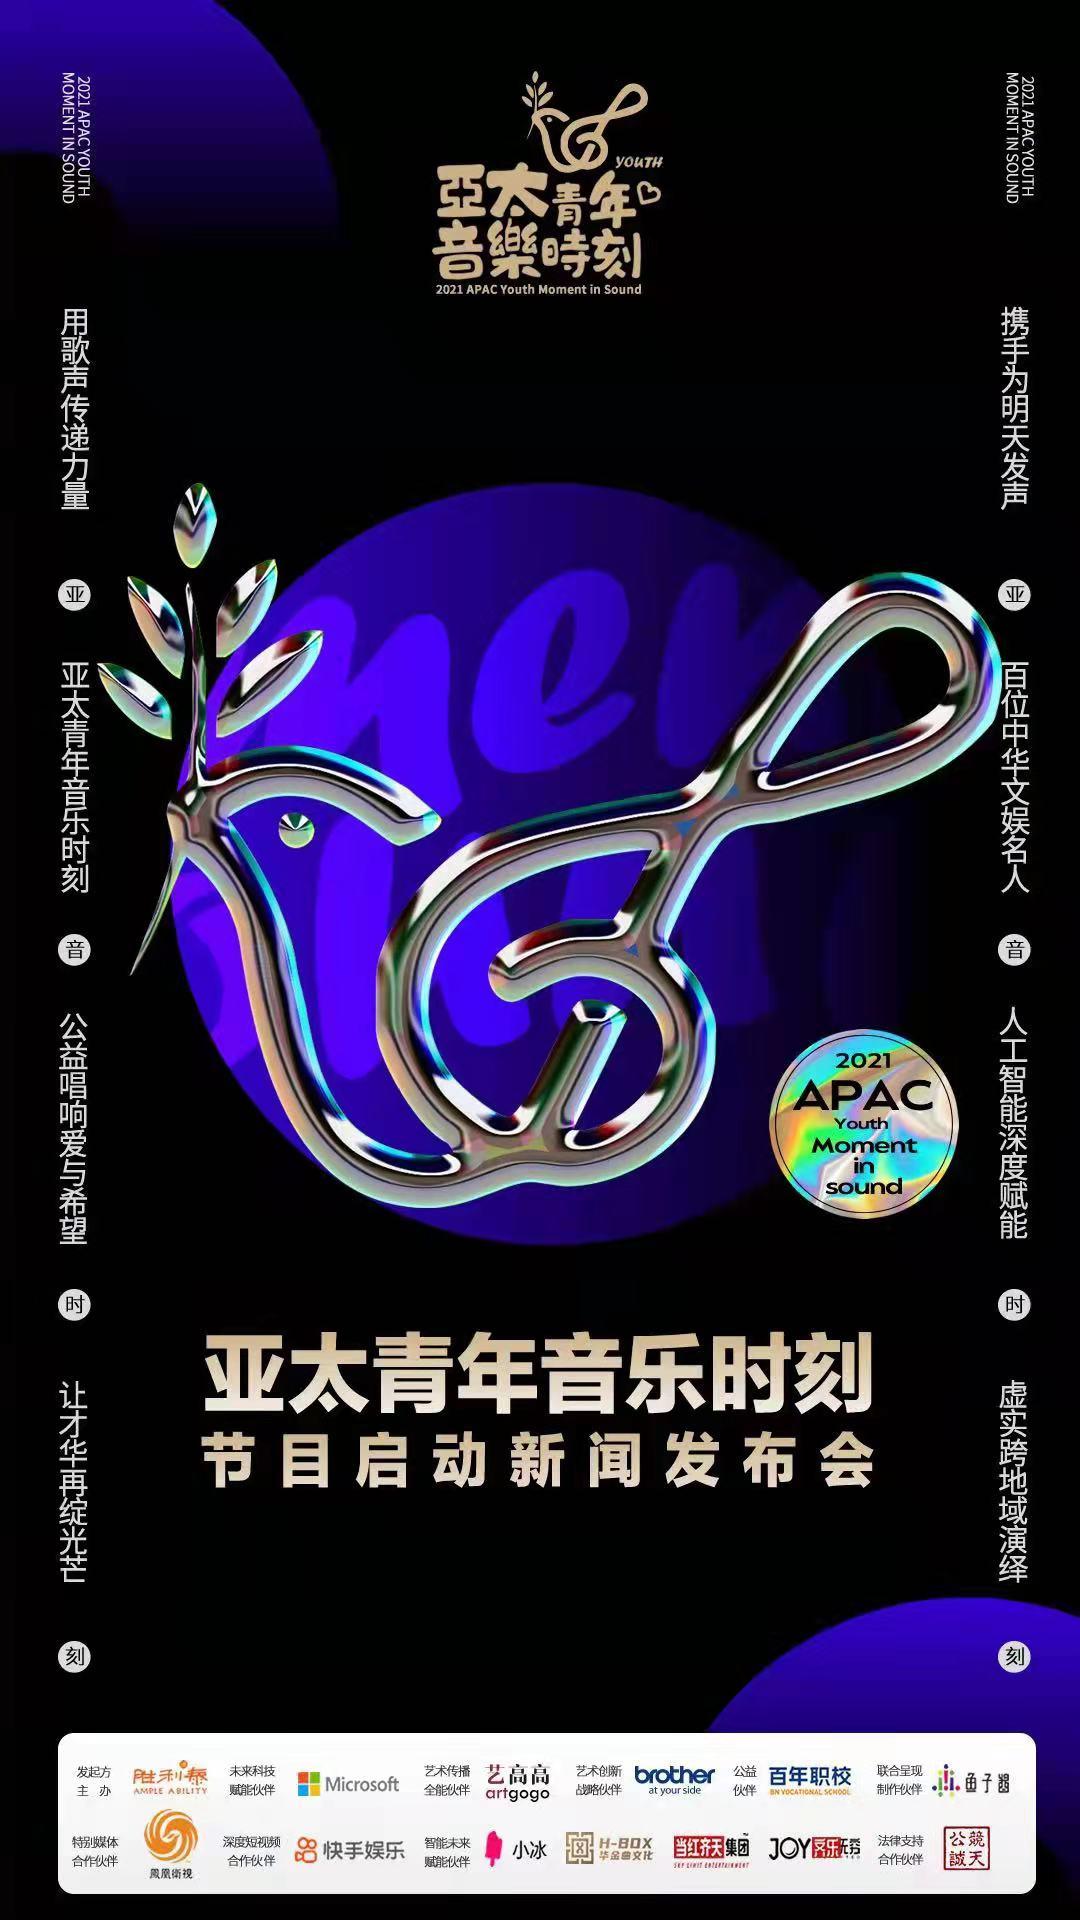 必晟娱乐平台注册:《亚太青年音乐时刻》项目正式启航